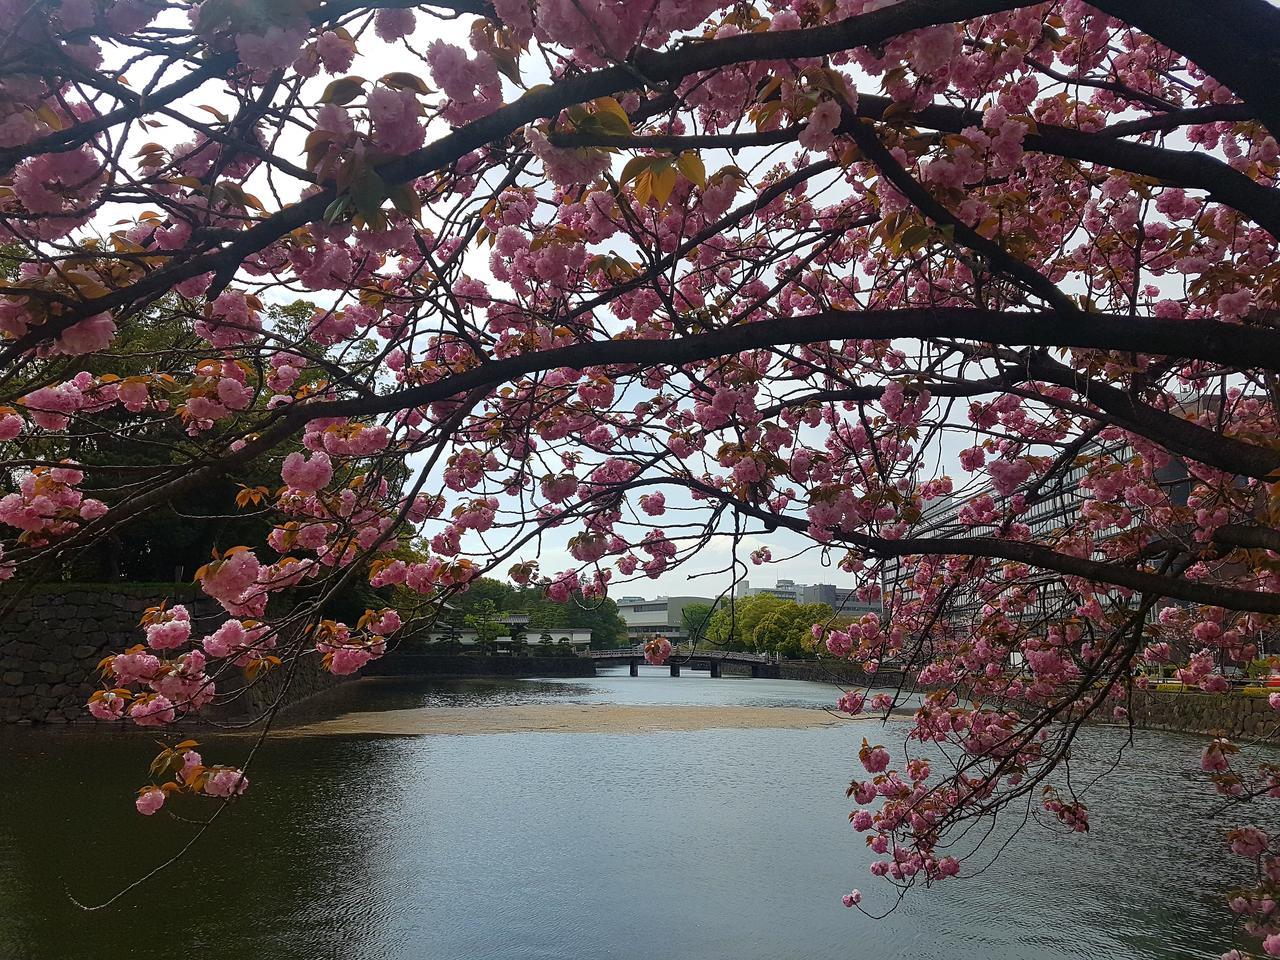 wisnie ogordy cesarskie Tokio Japonia